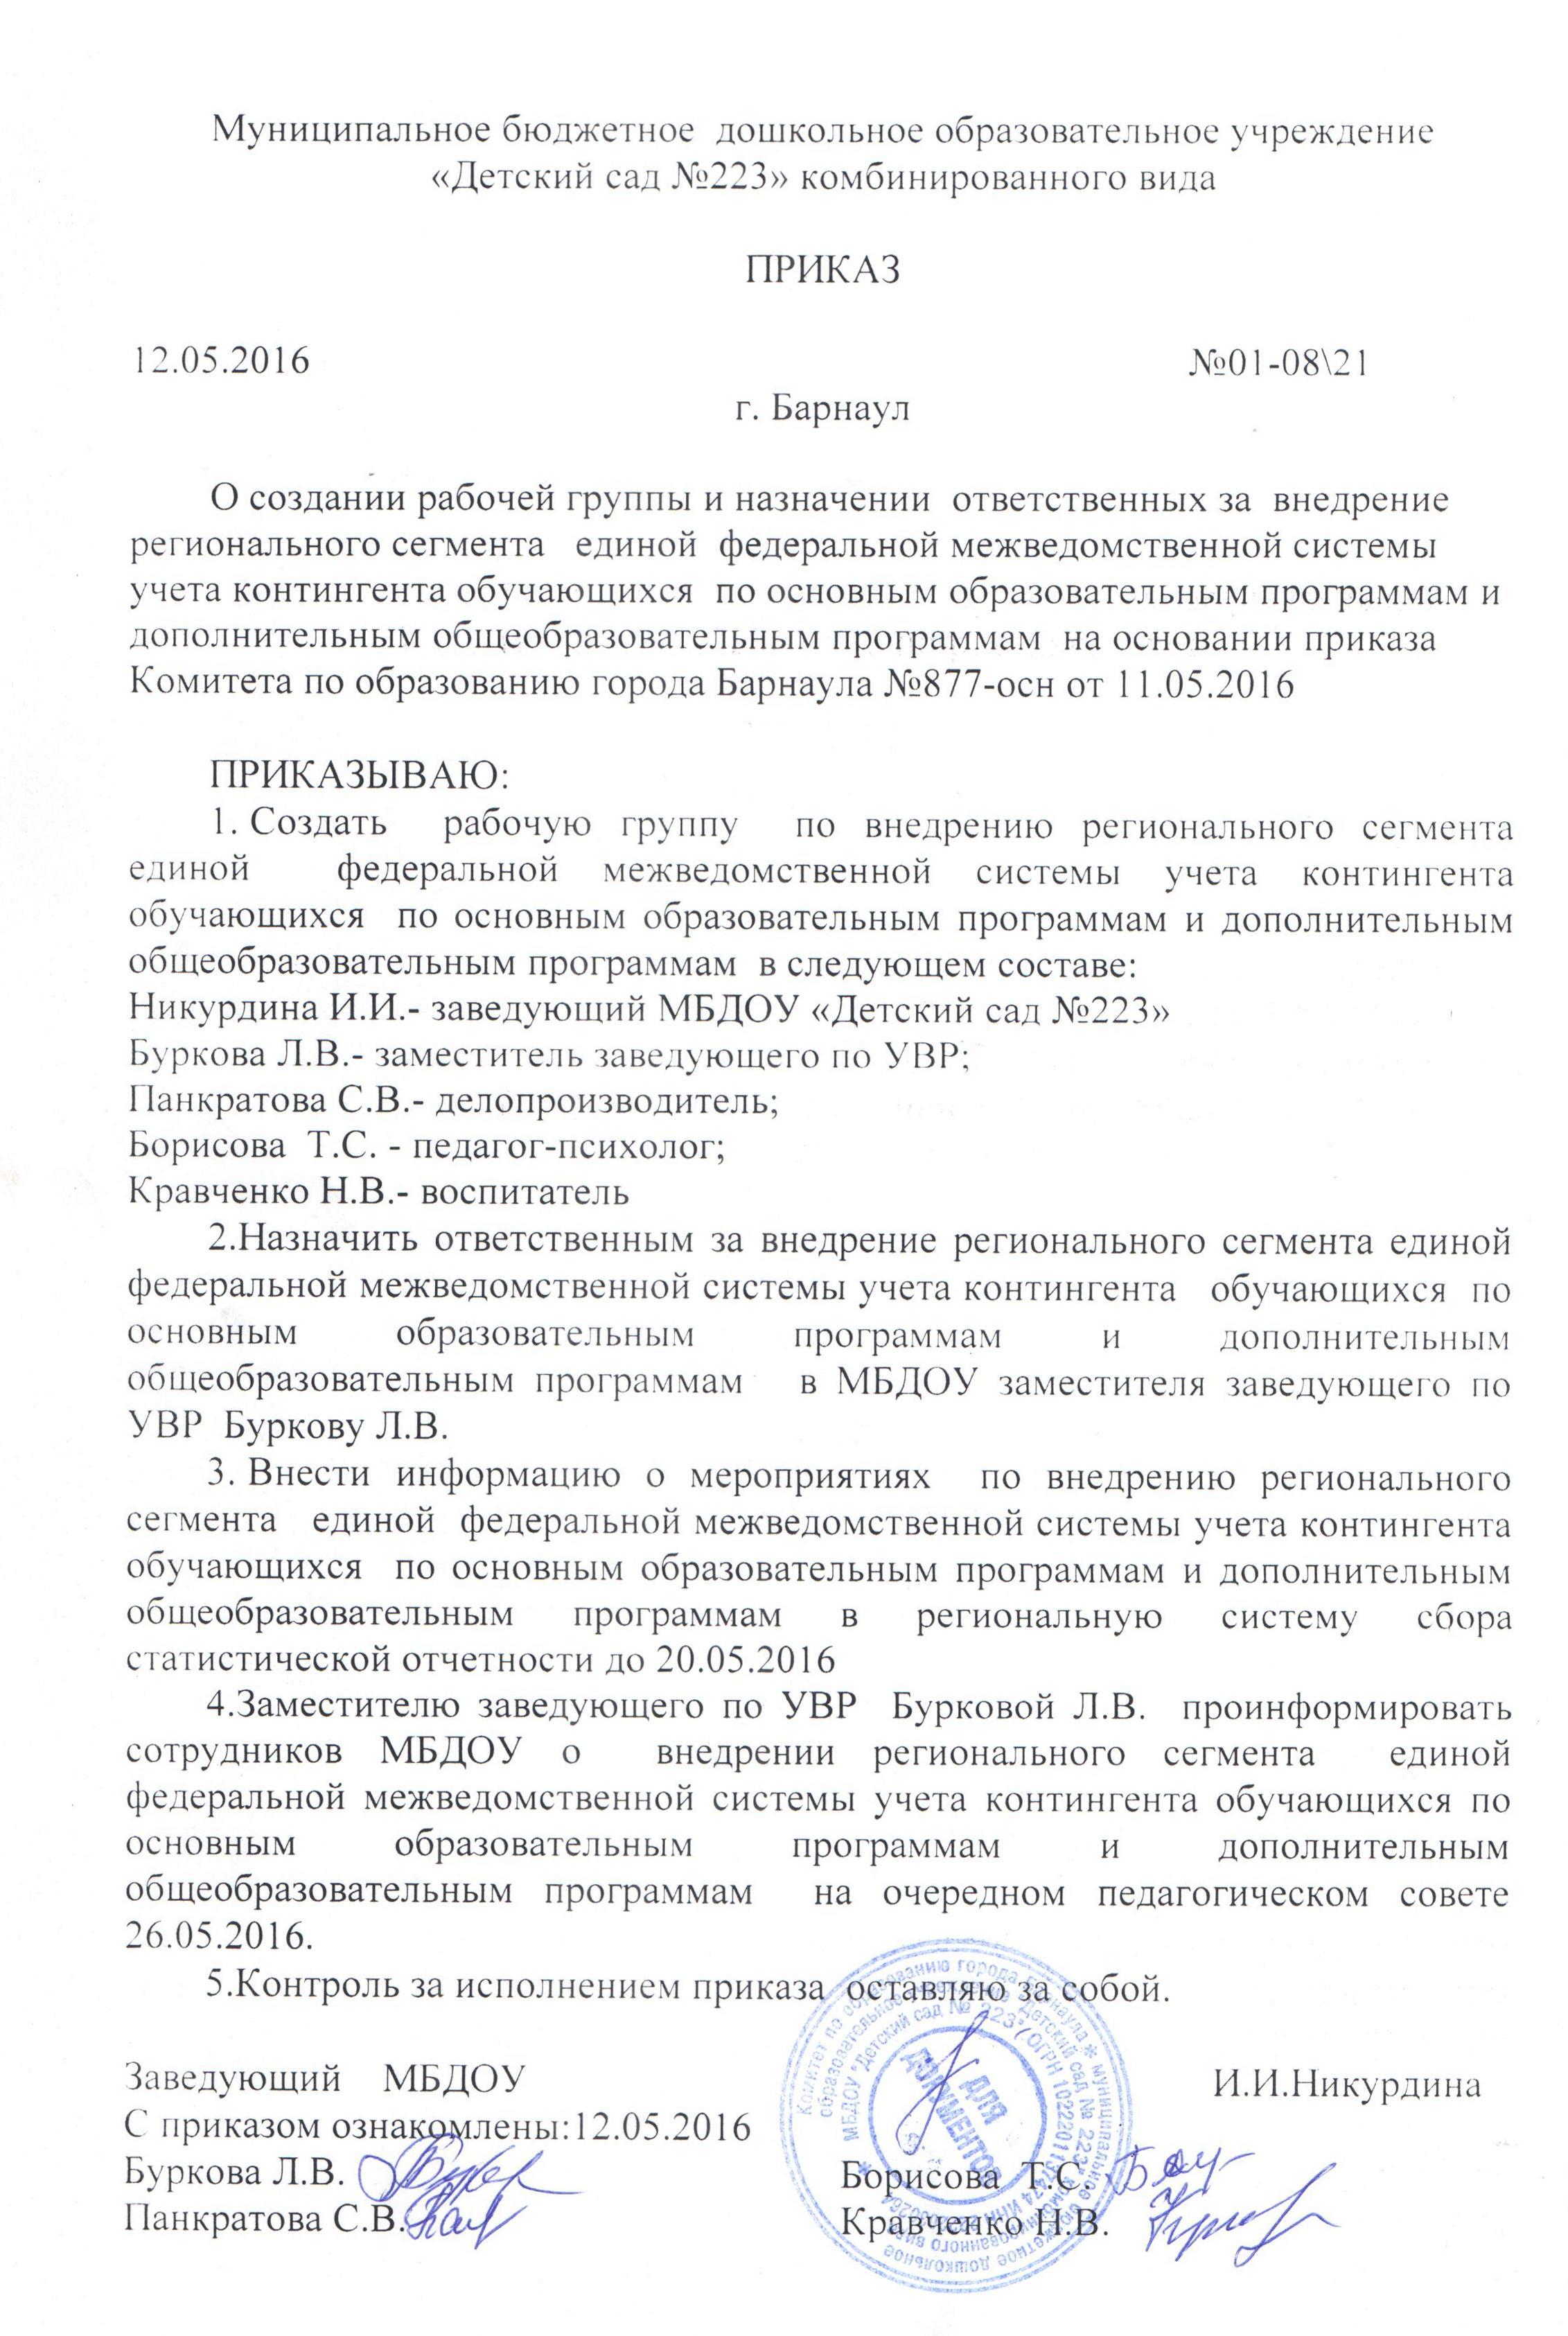 prikaz_12052016_01_08_21_reg_segment